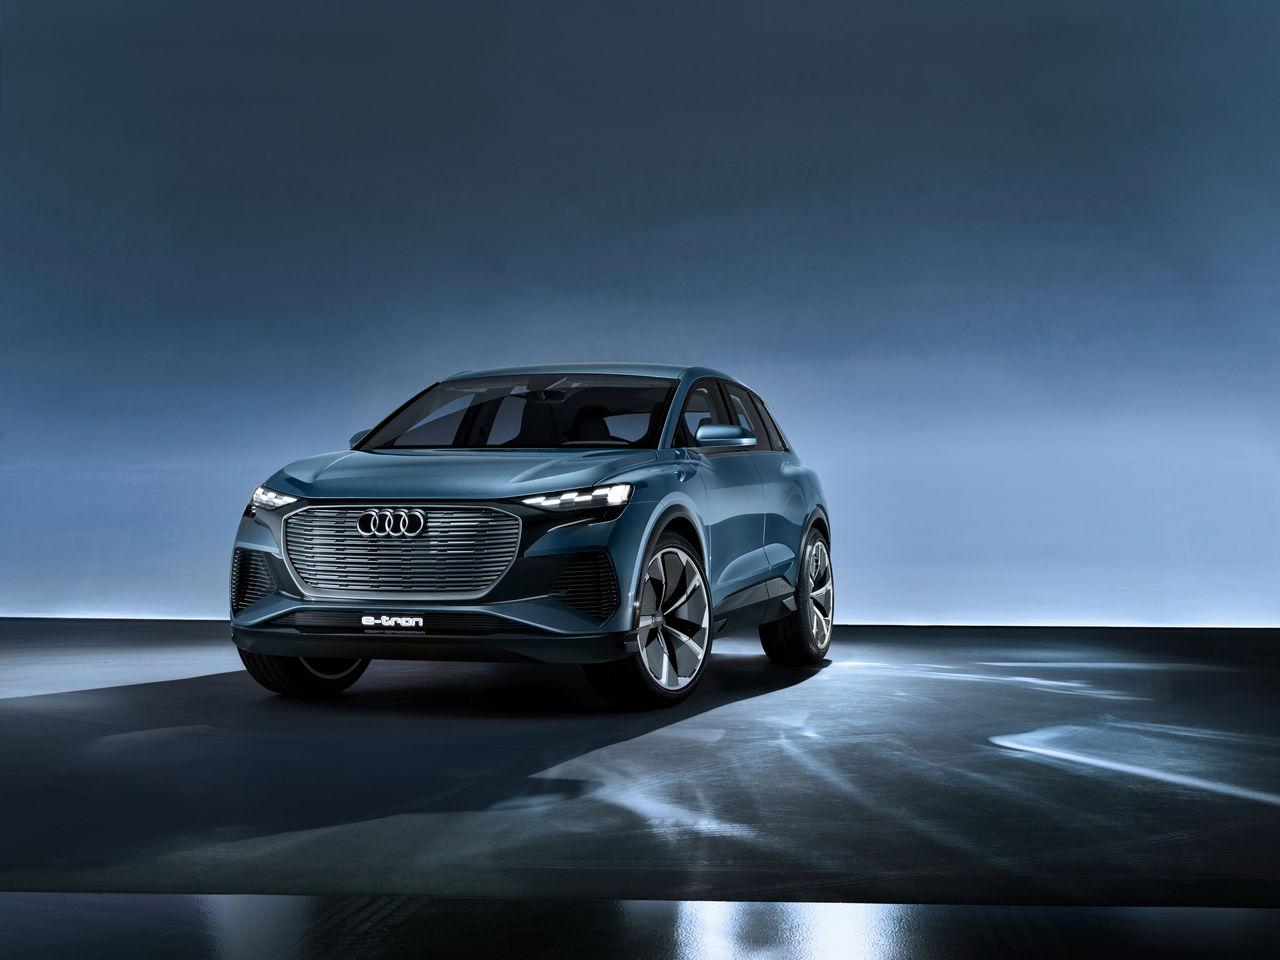 Kelebihan Kekurangan Audi Q4 2019 Perbandingan Harga